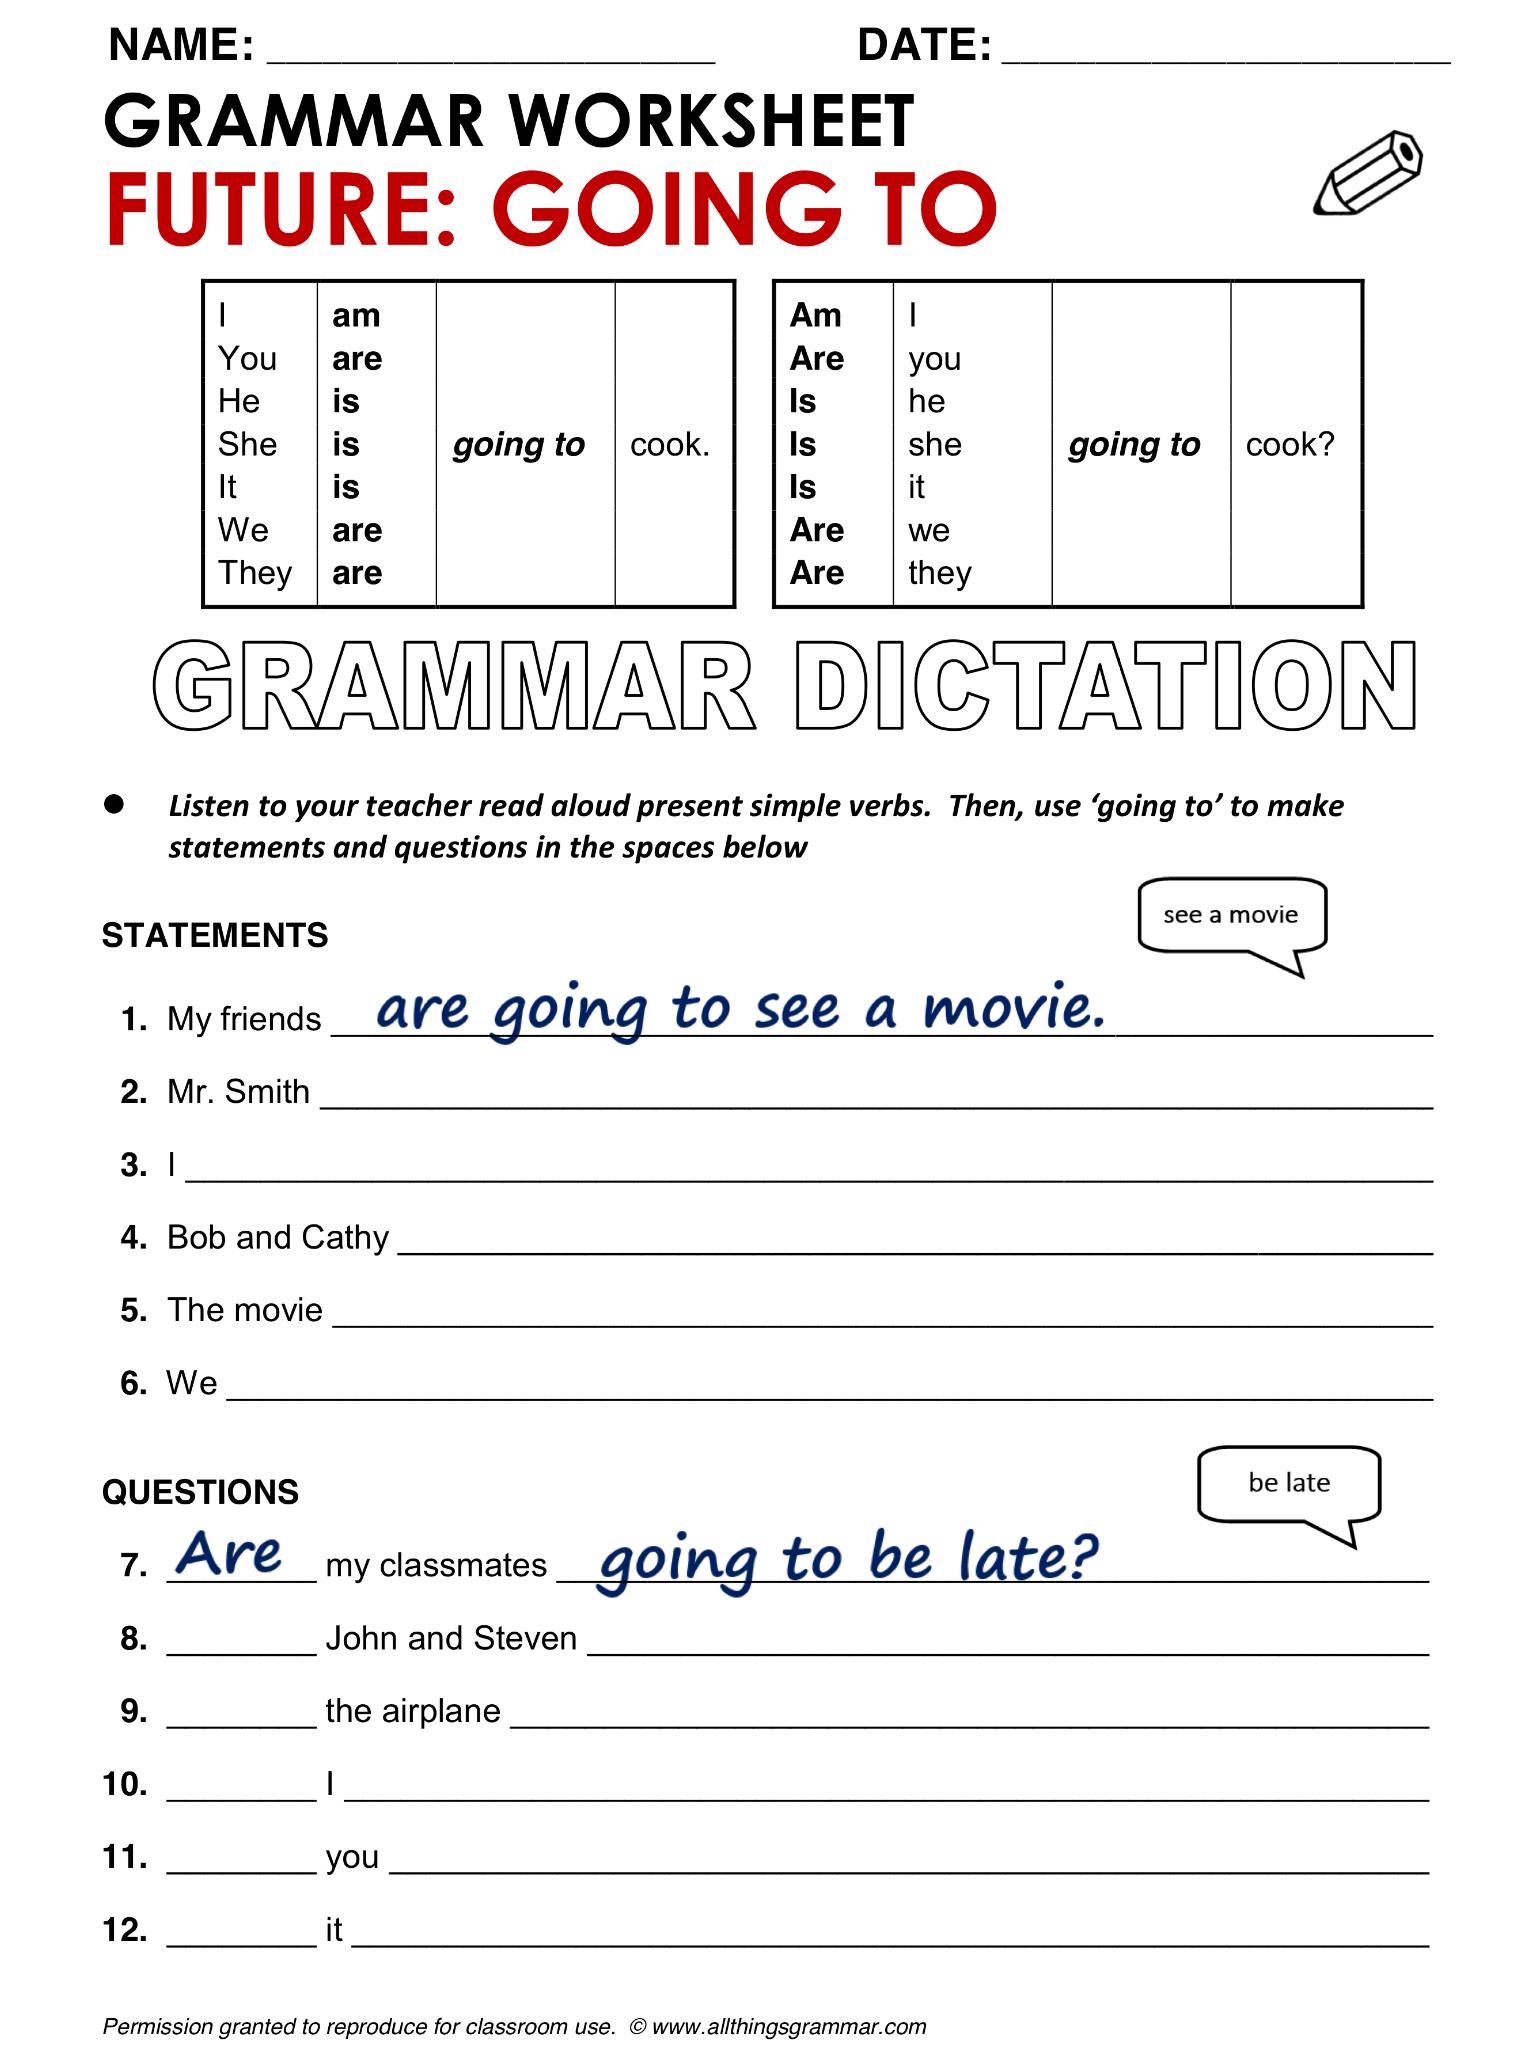 English Grammar Future Going To Lthingsgrammar